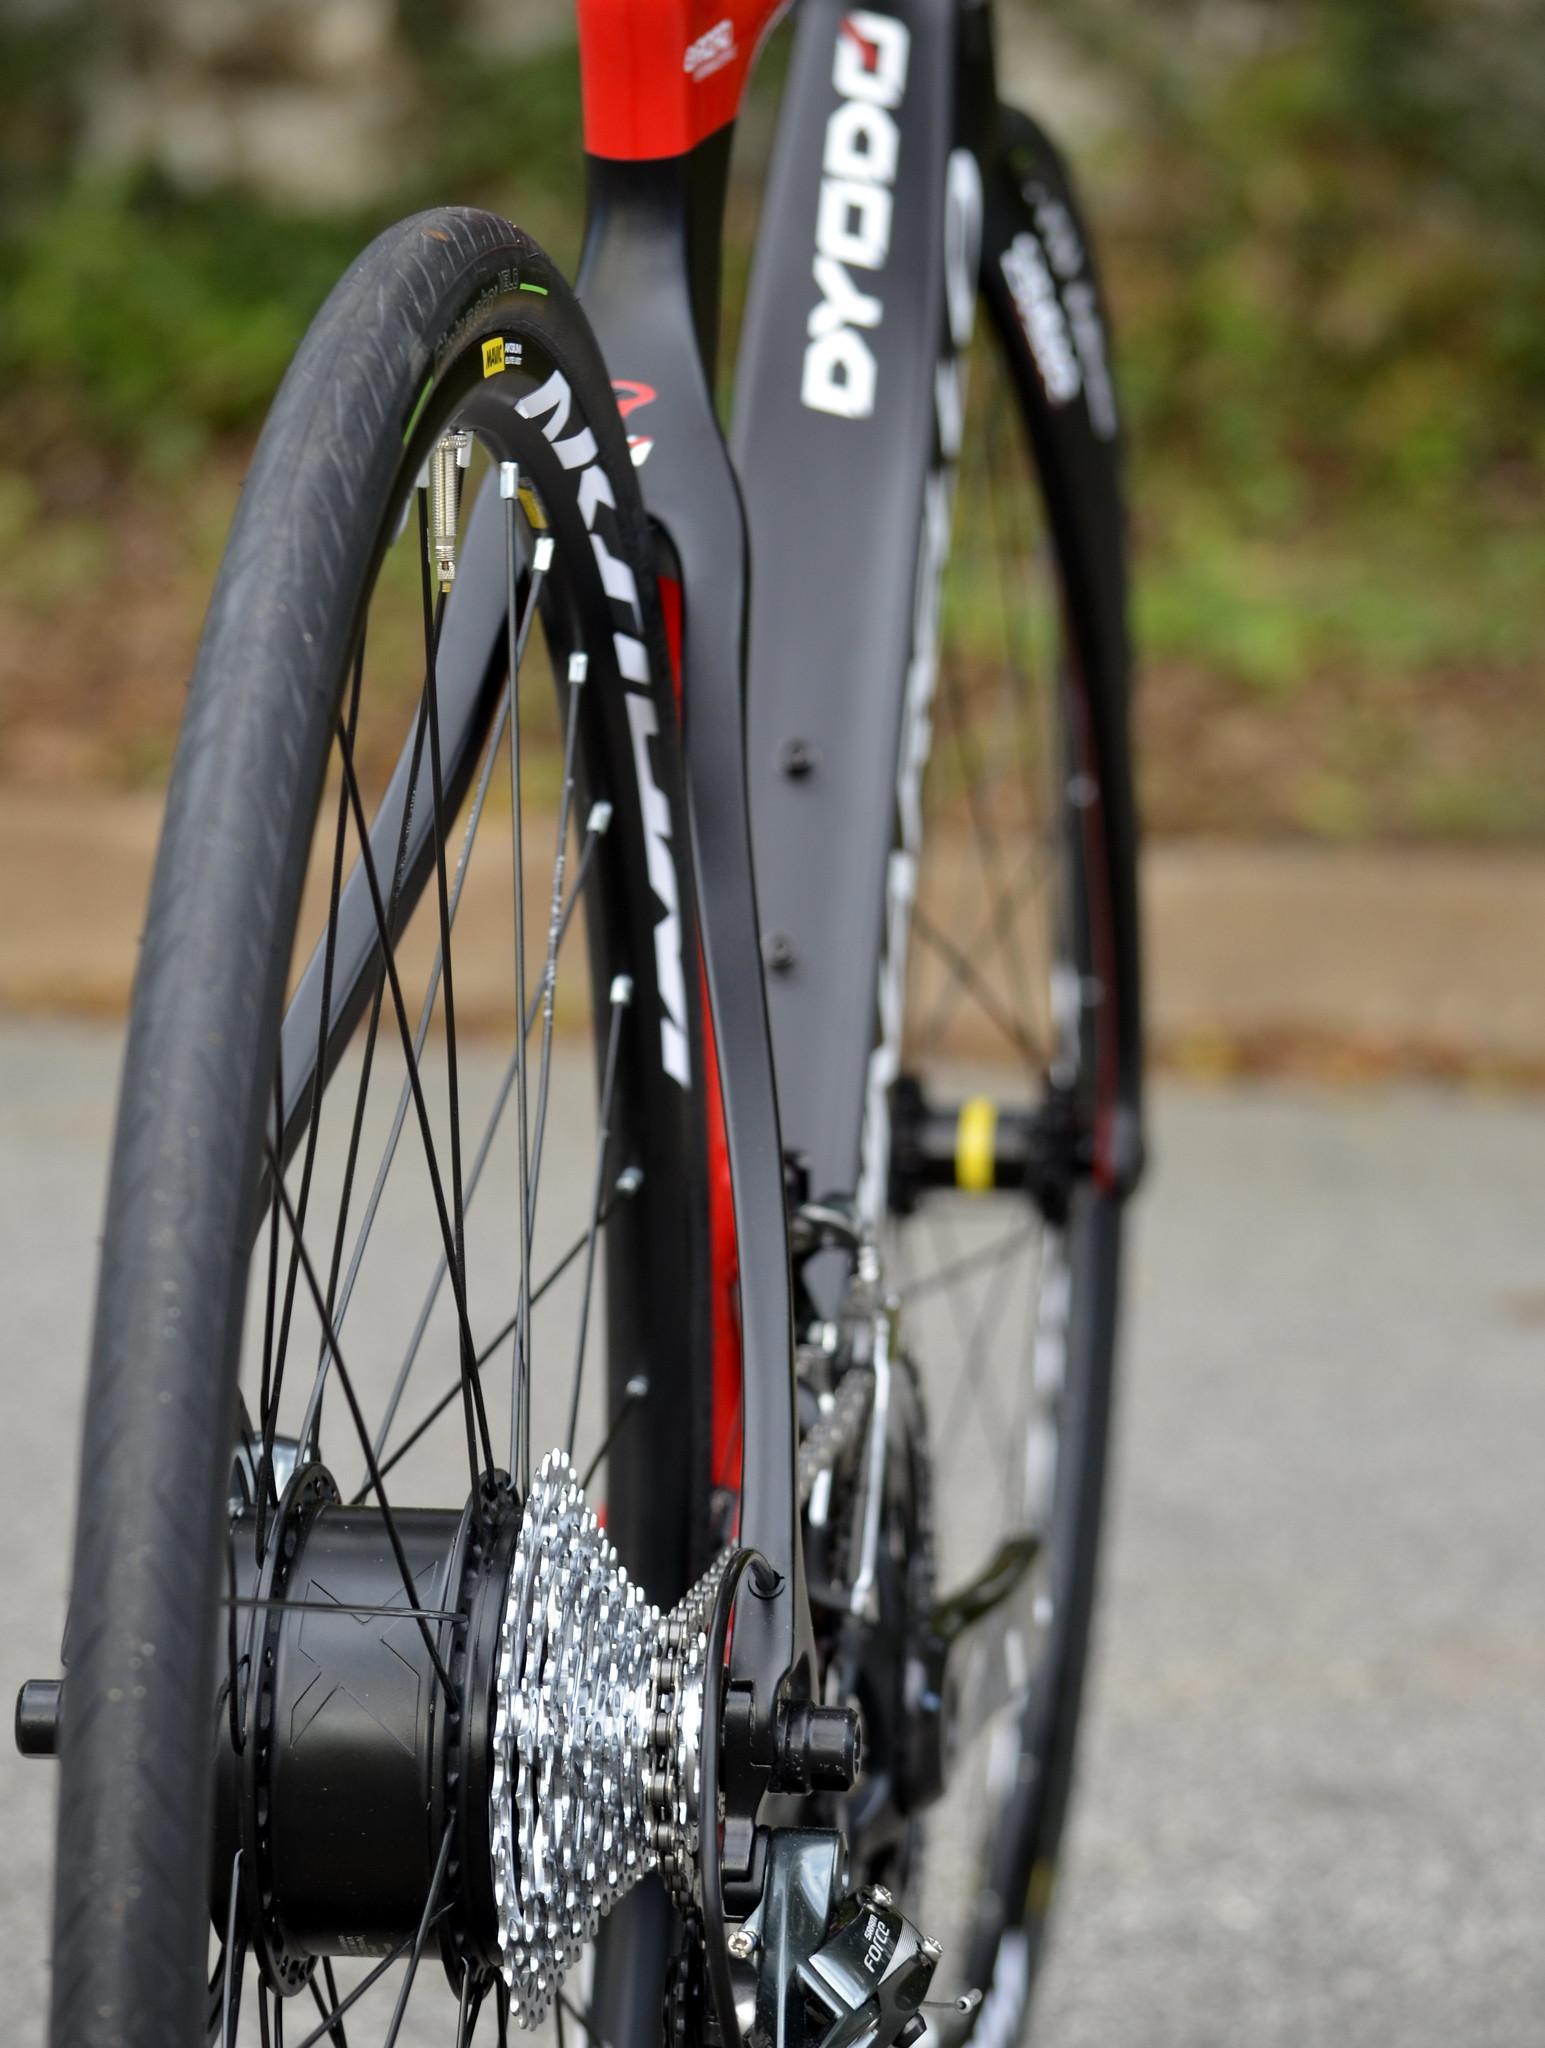 Szosowy rower elektryczny